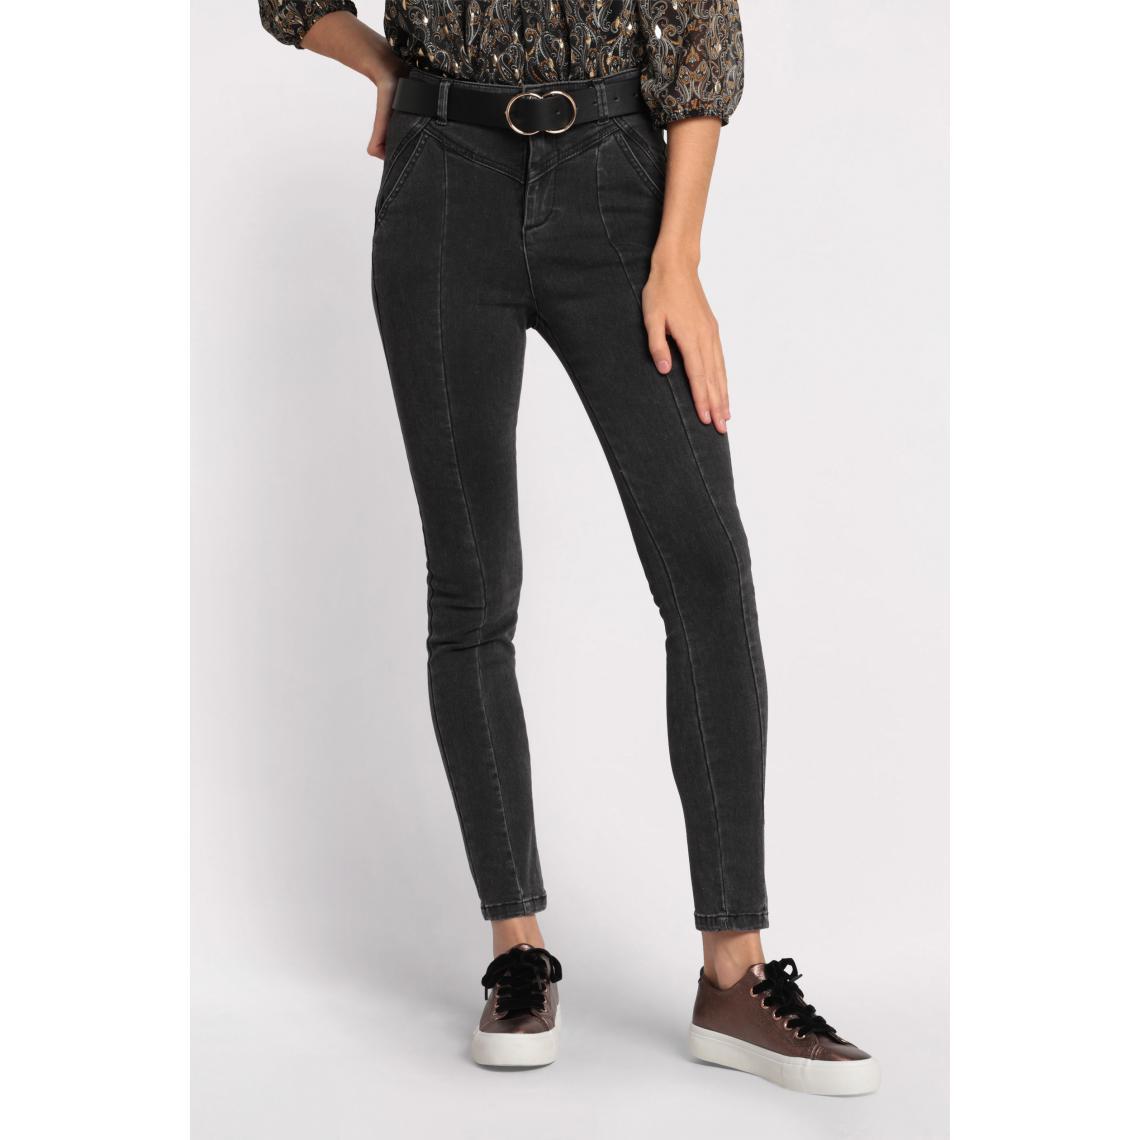 Jeans skinny couture fantaisie - Cache cache - Modalova